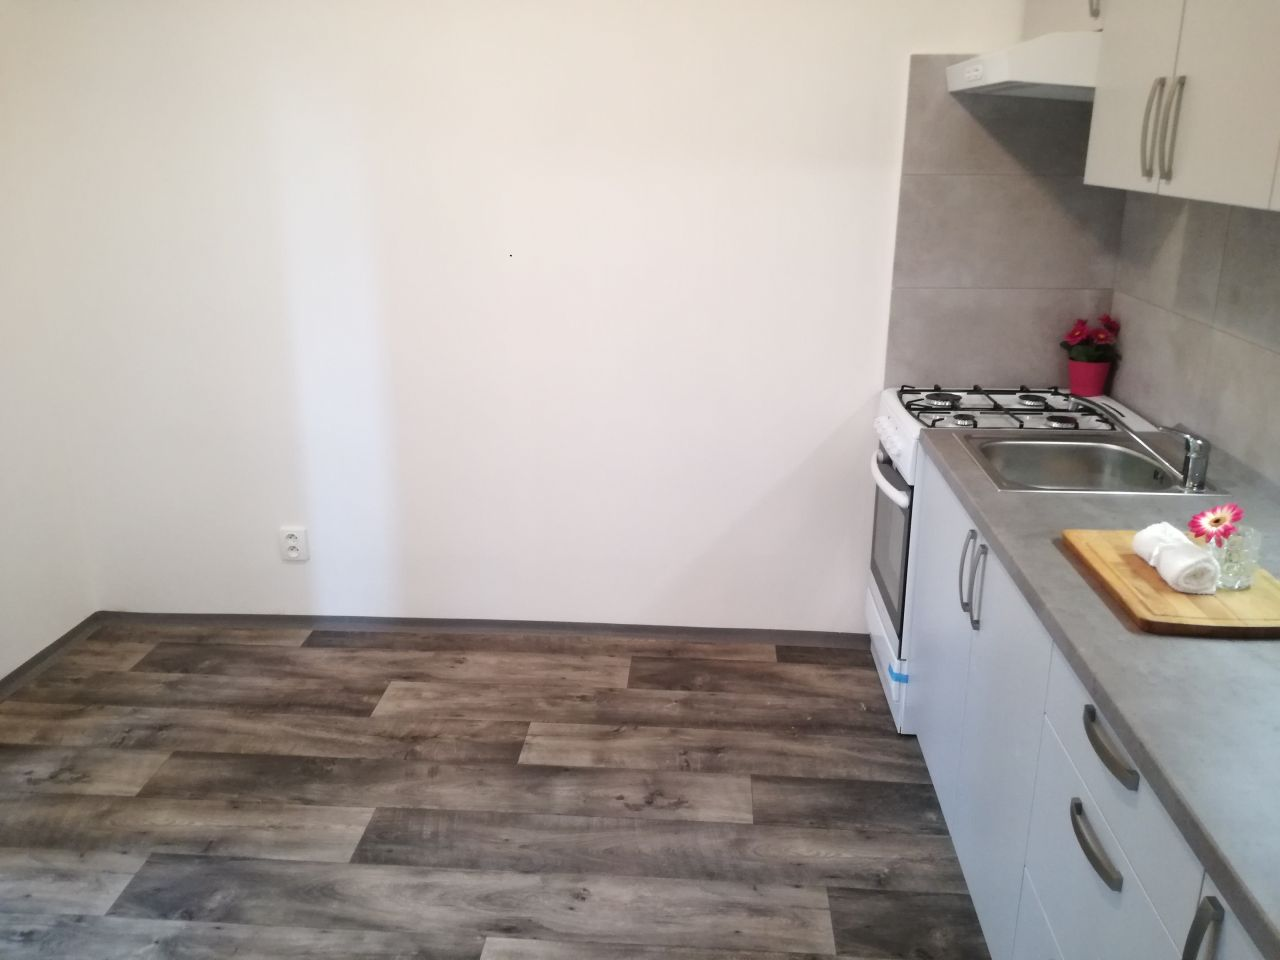 Pronájem bytu 2+1 48 m2, ul. Petra Kříčky 2696/21, Moravská Ostrava